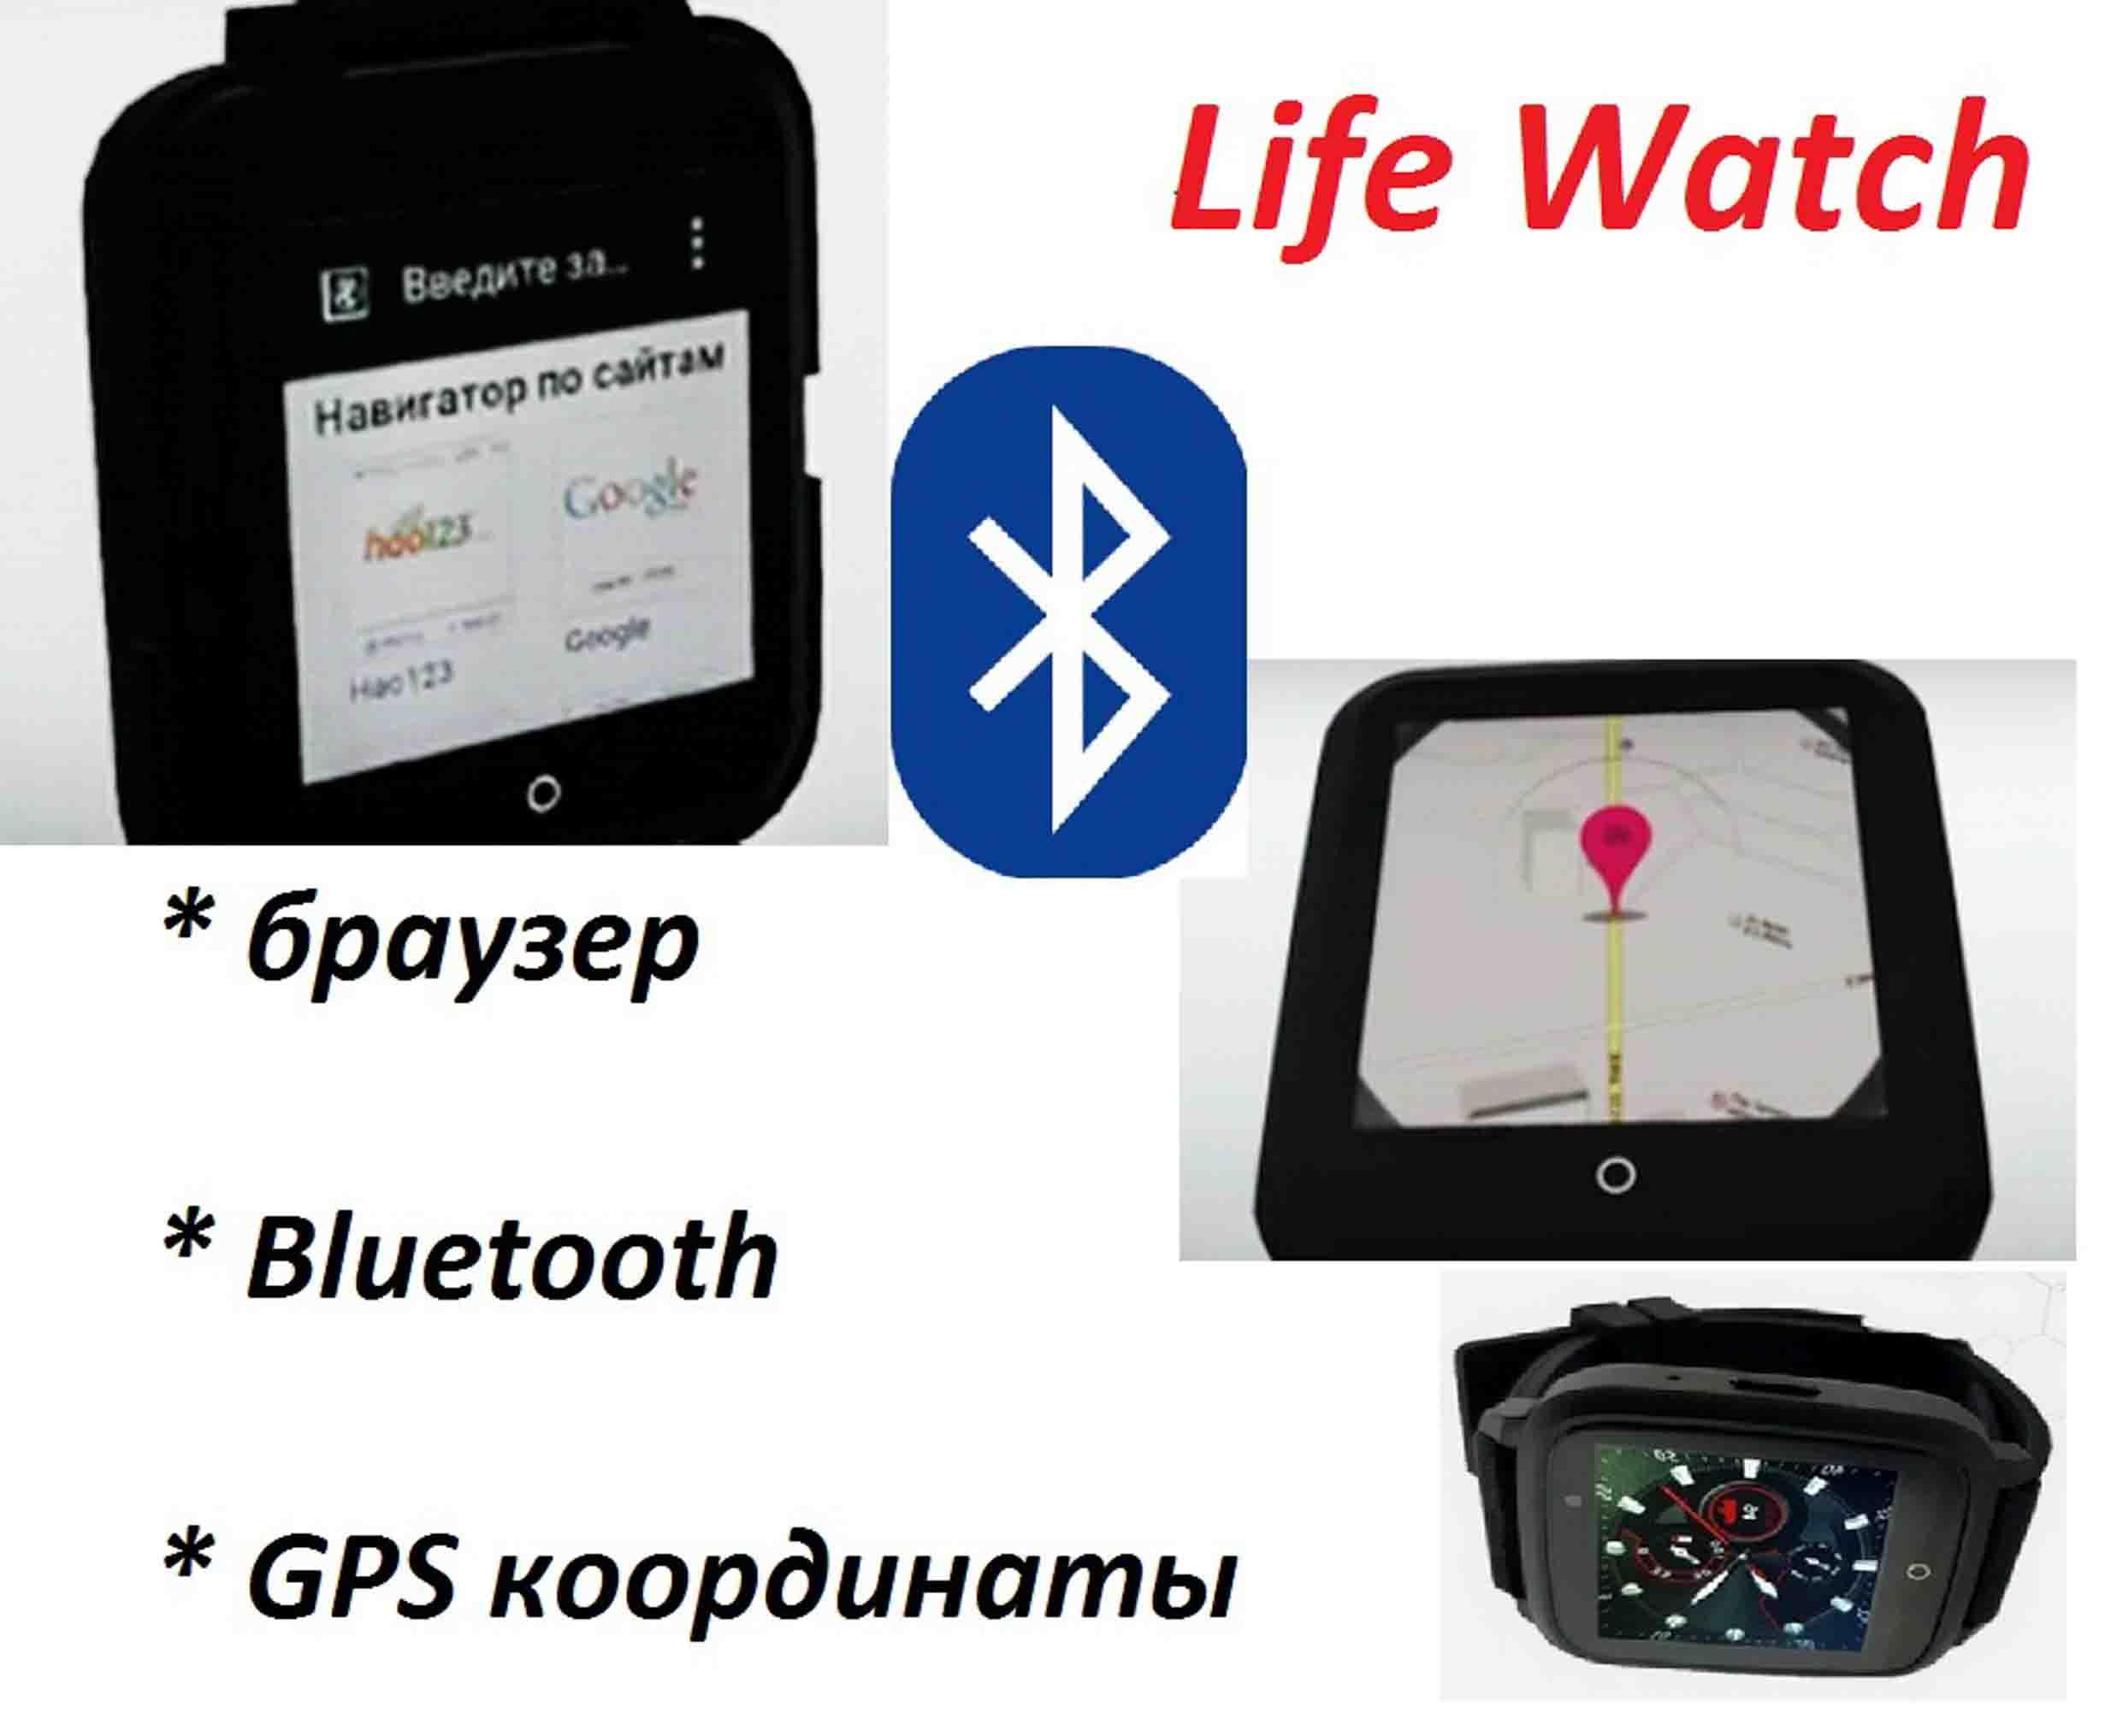 Смарт  часы Life Watch l Здоровье и удобство l Купить в Украине фото 2